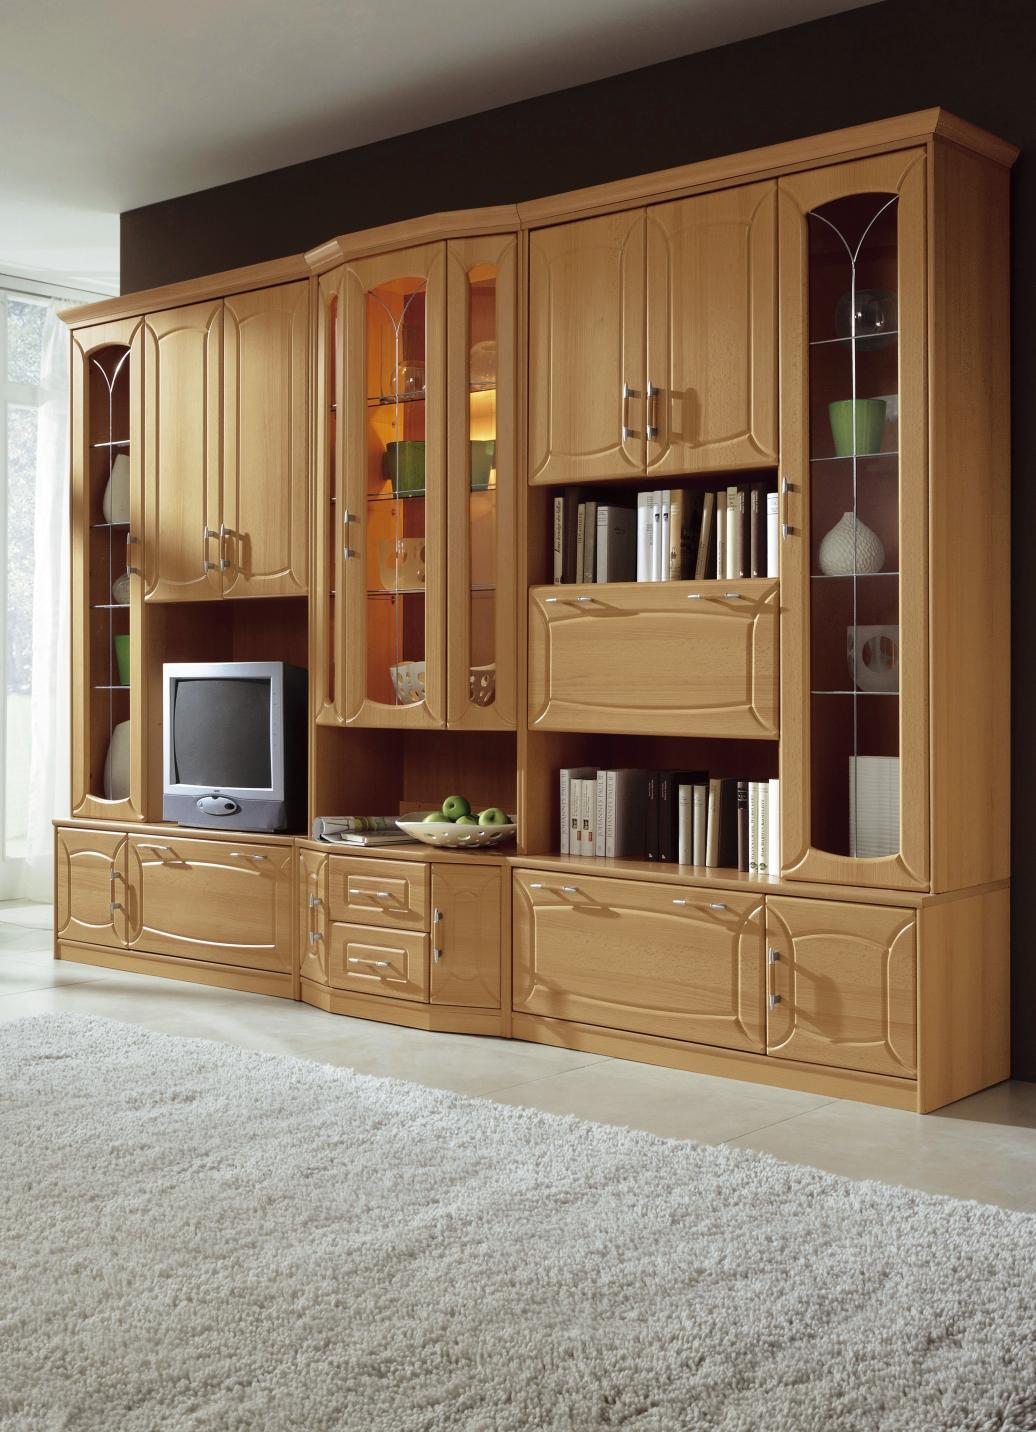 wohnen wohnw nde klassische wohnwand mit front in buchedekor. Black Bedroom Furniture Sets. Home Design Ideas